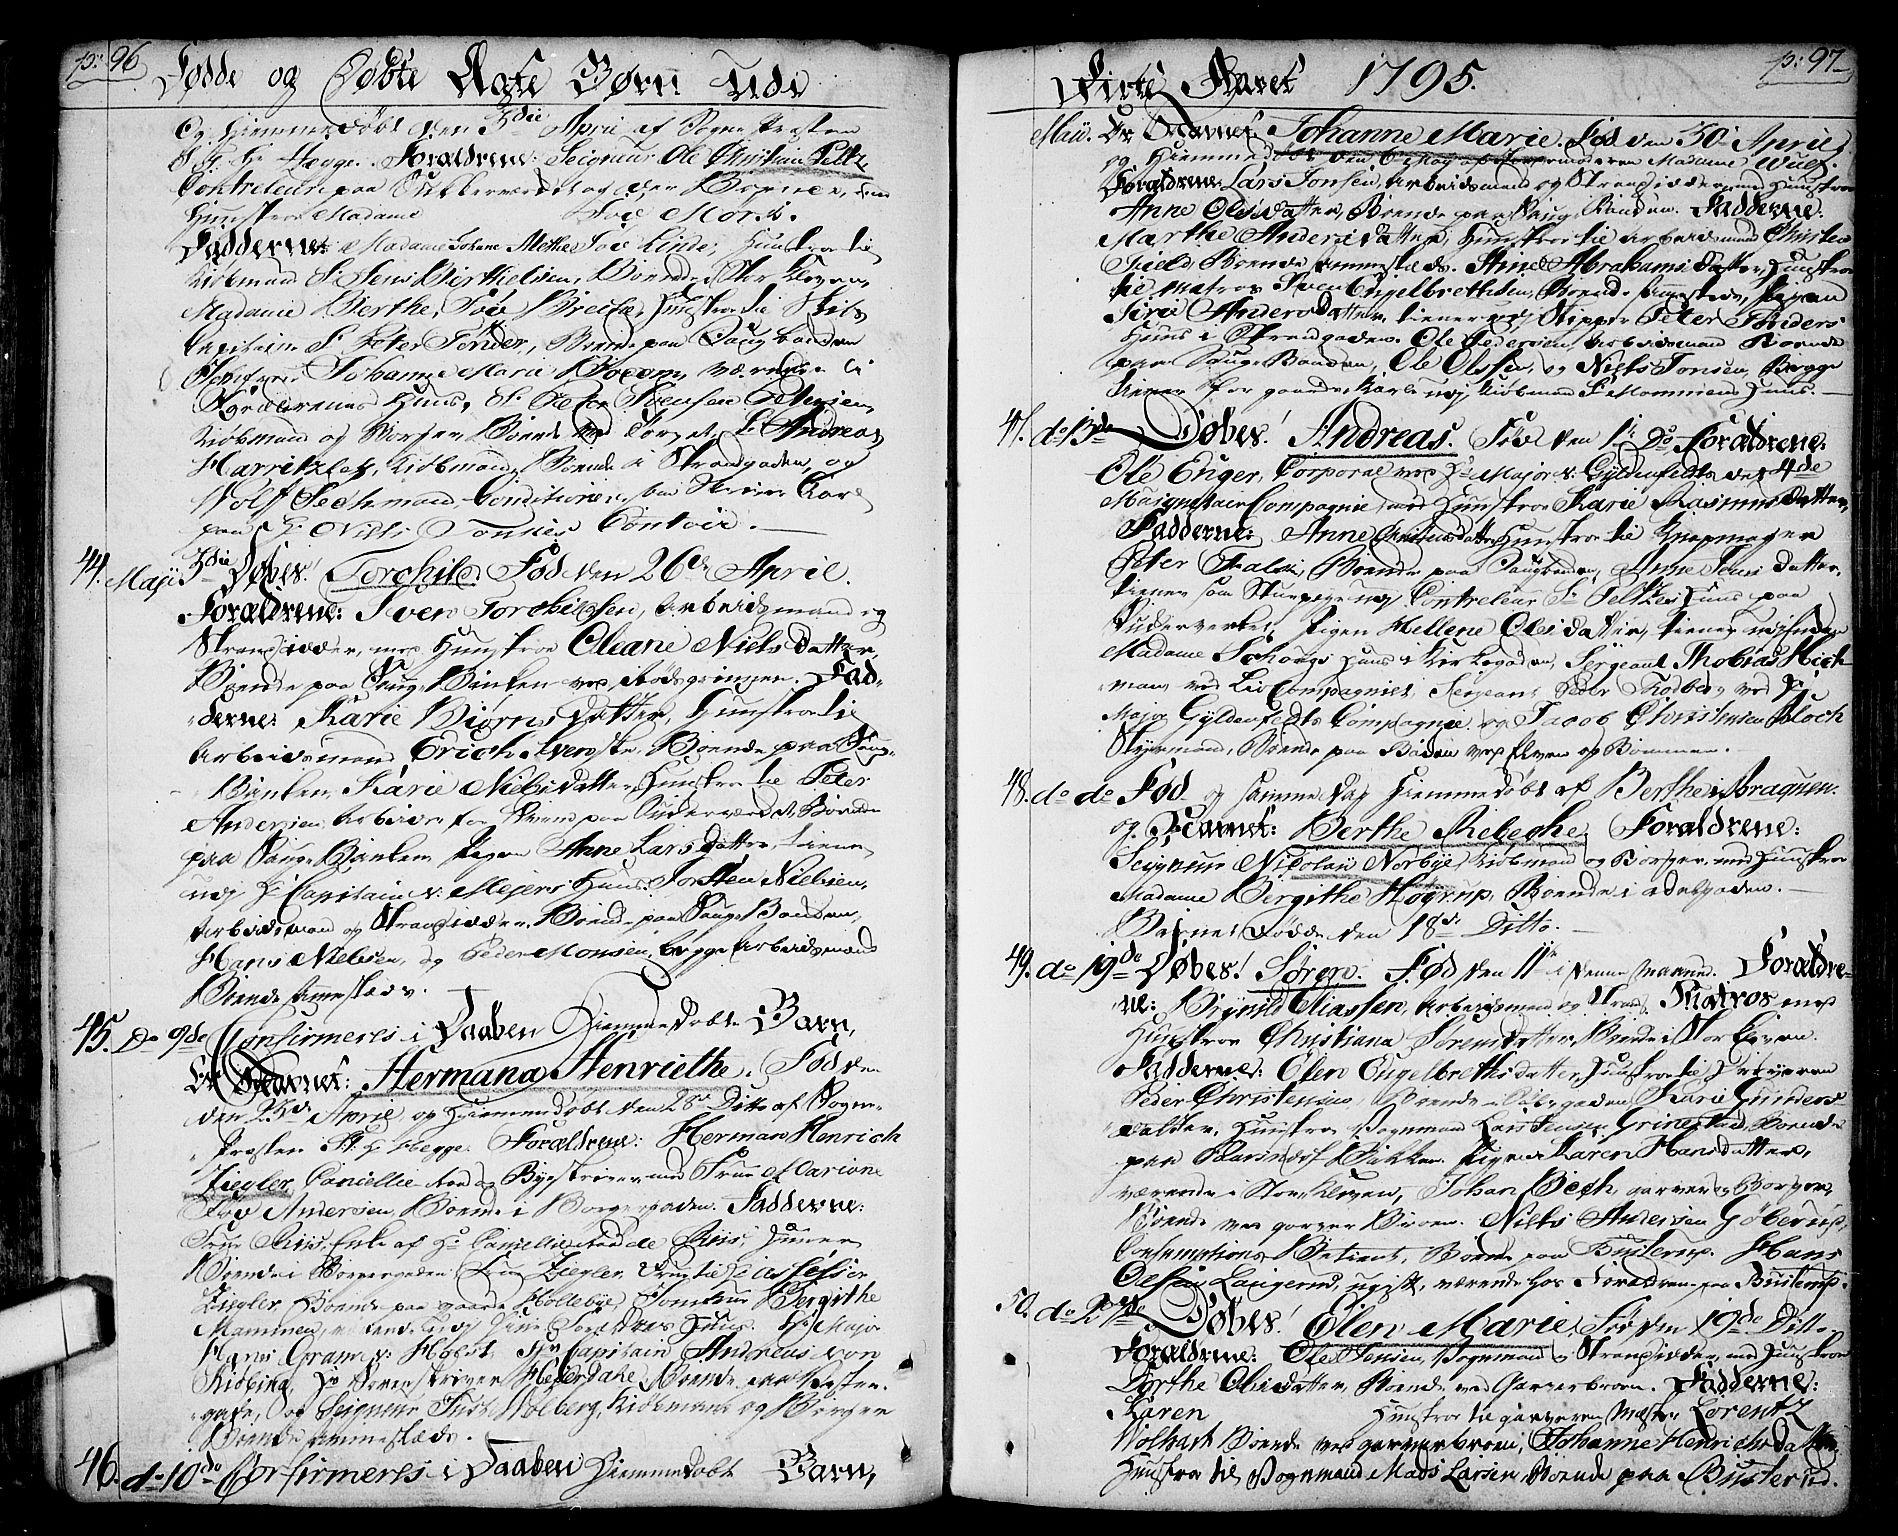 SAO, Halden prestekontor Kirkebøker, F/Fa/L0002: Ministerialbok nr. I 2, 1792-1812, s. 96-97